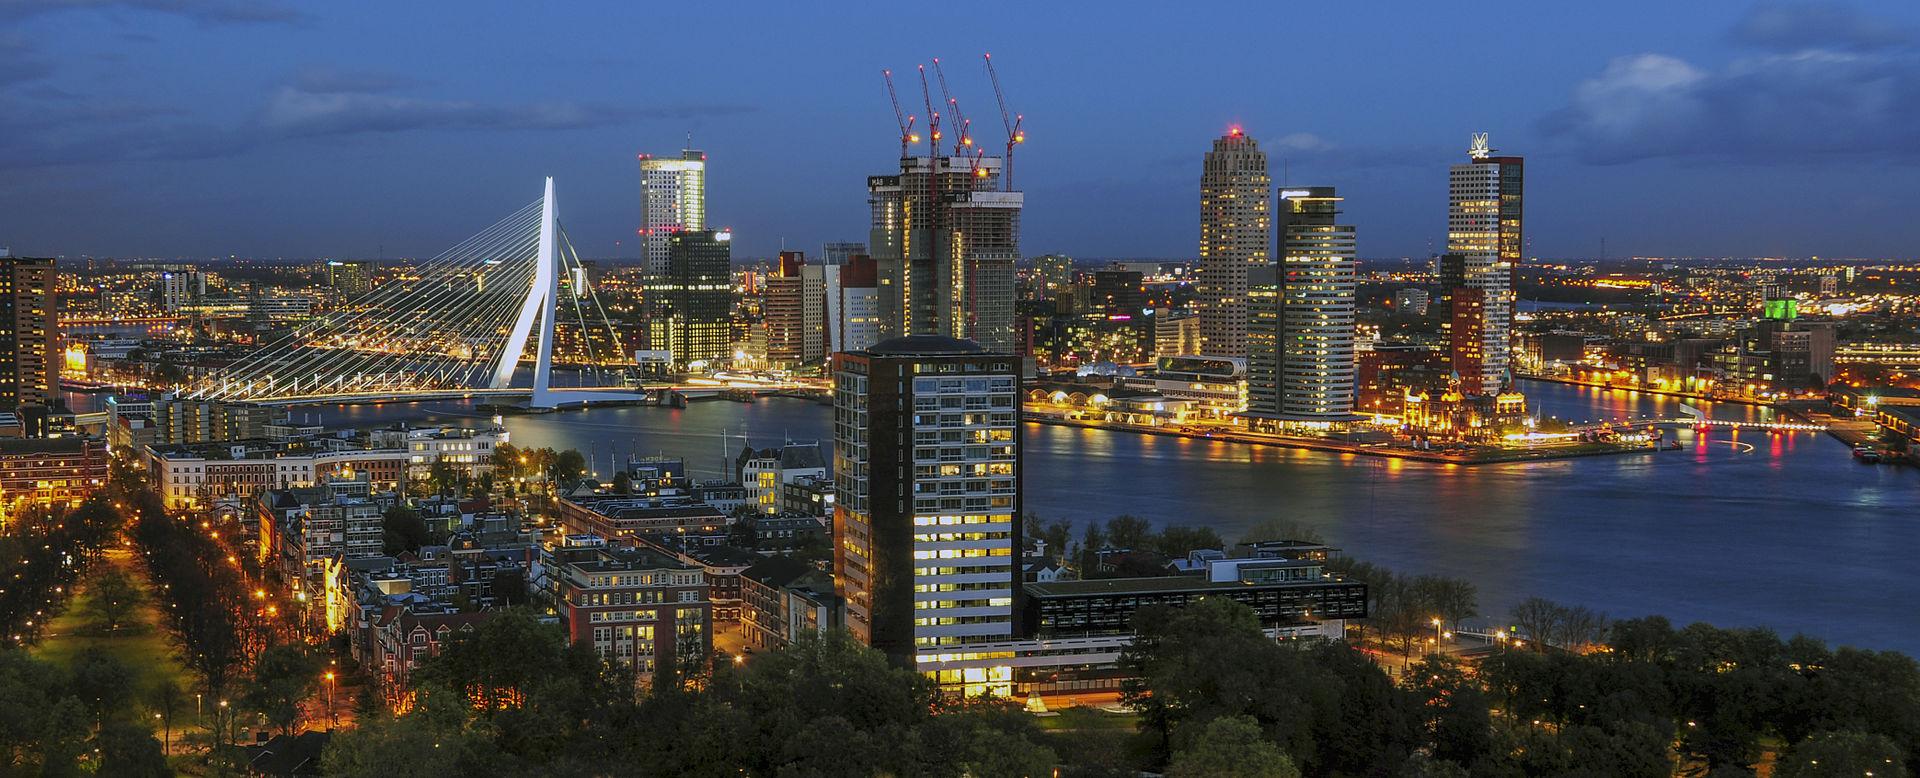 รอตเตอร์ดัม-เมืองยุคใหม่